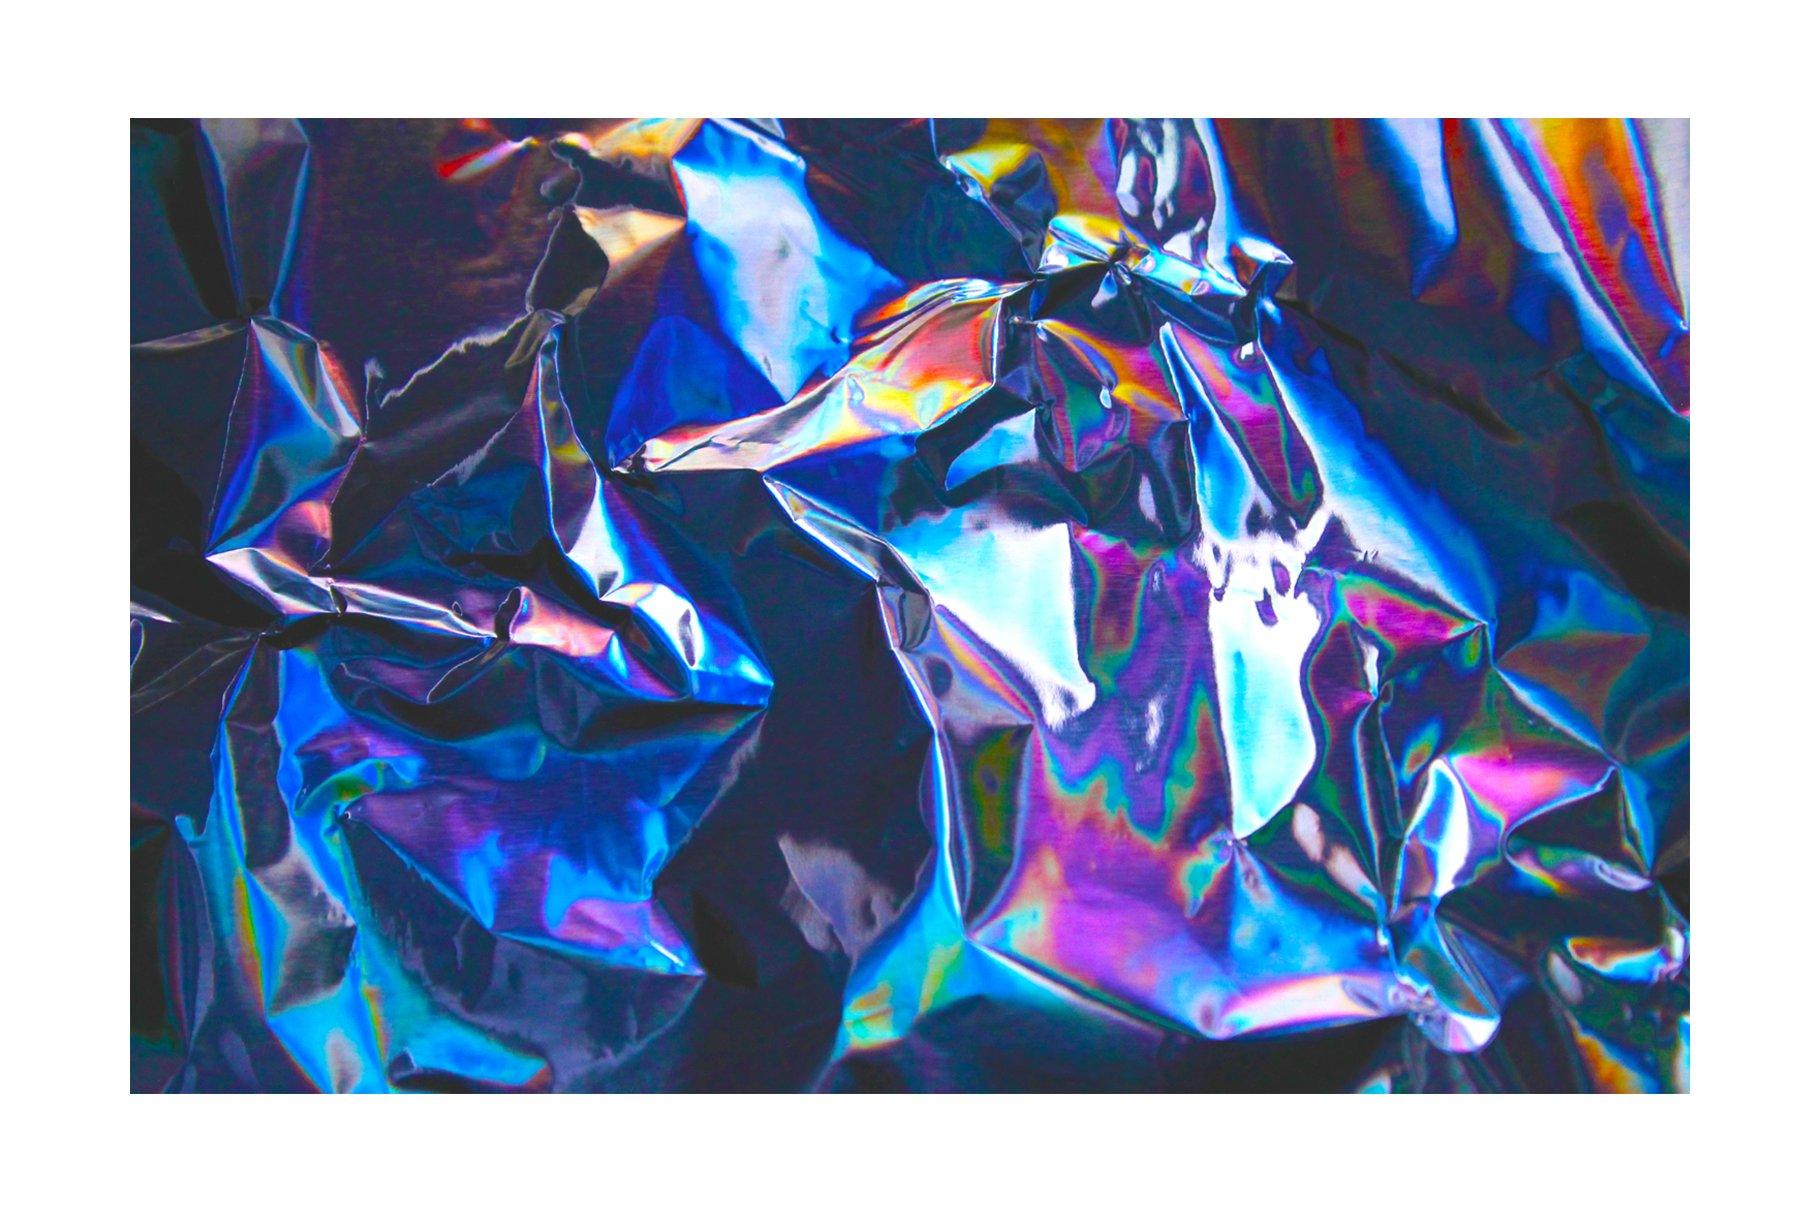 [淘宝购买] 90款潮流炫彩全息镭射金属箔纸海报设计肌理纹理背景图片设计素材 90 Holographic Foil Textures插图2